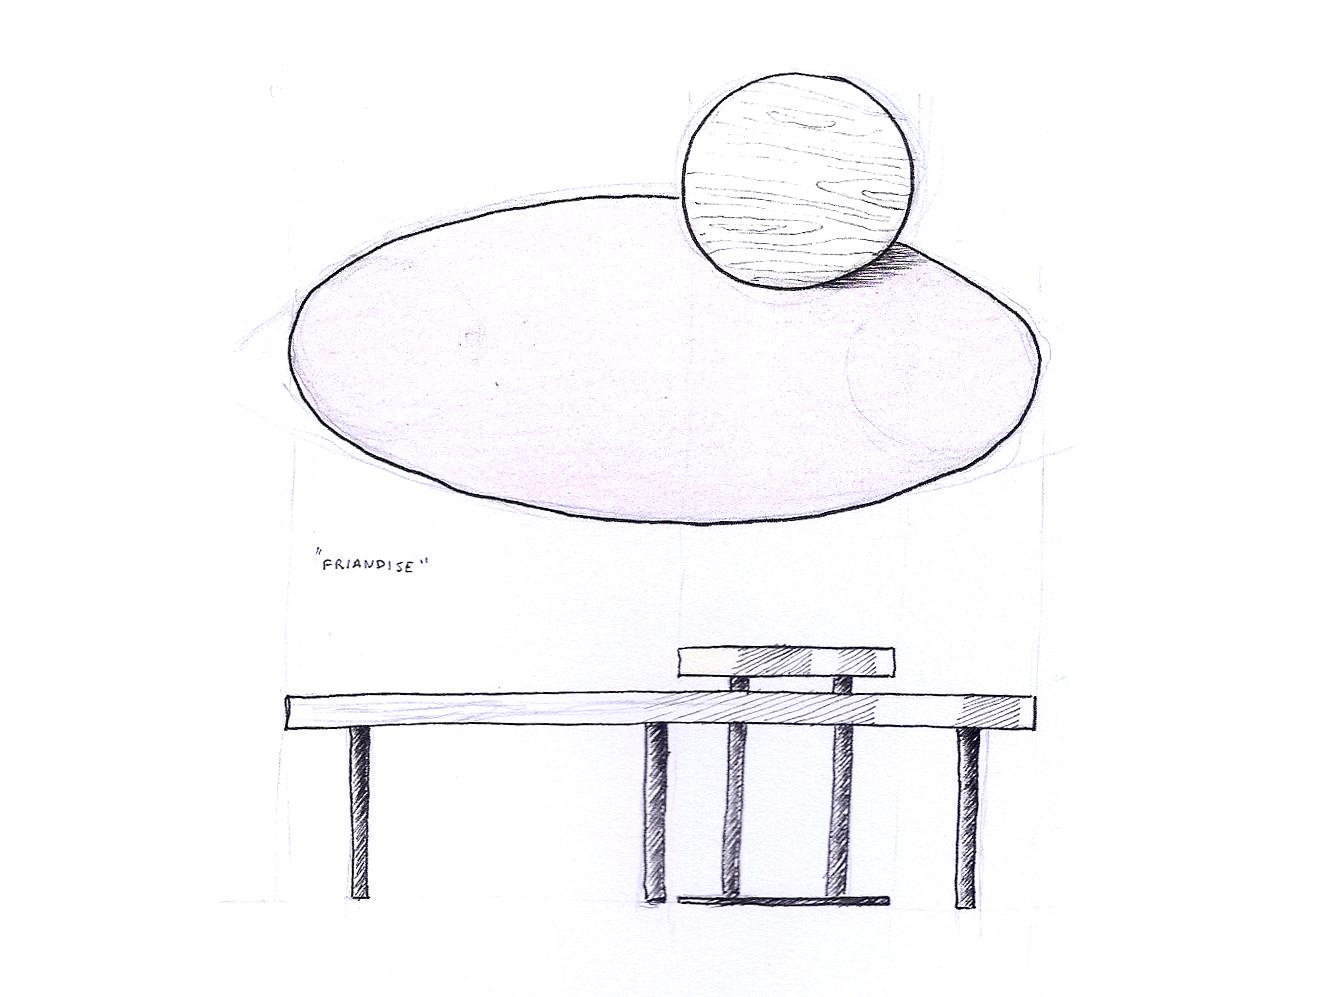 Un jeu sur deux formes en superposition : l'ellipse et le cercle.